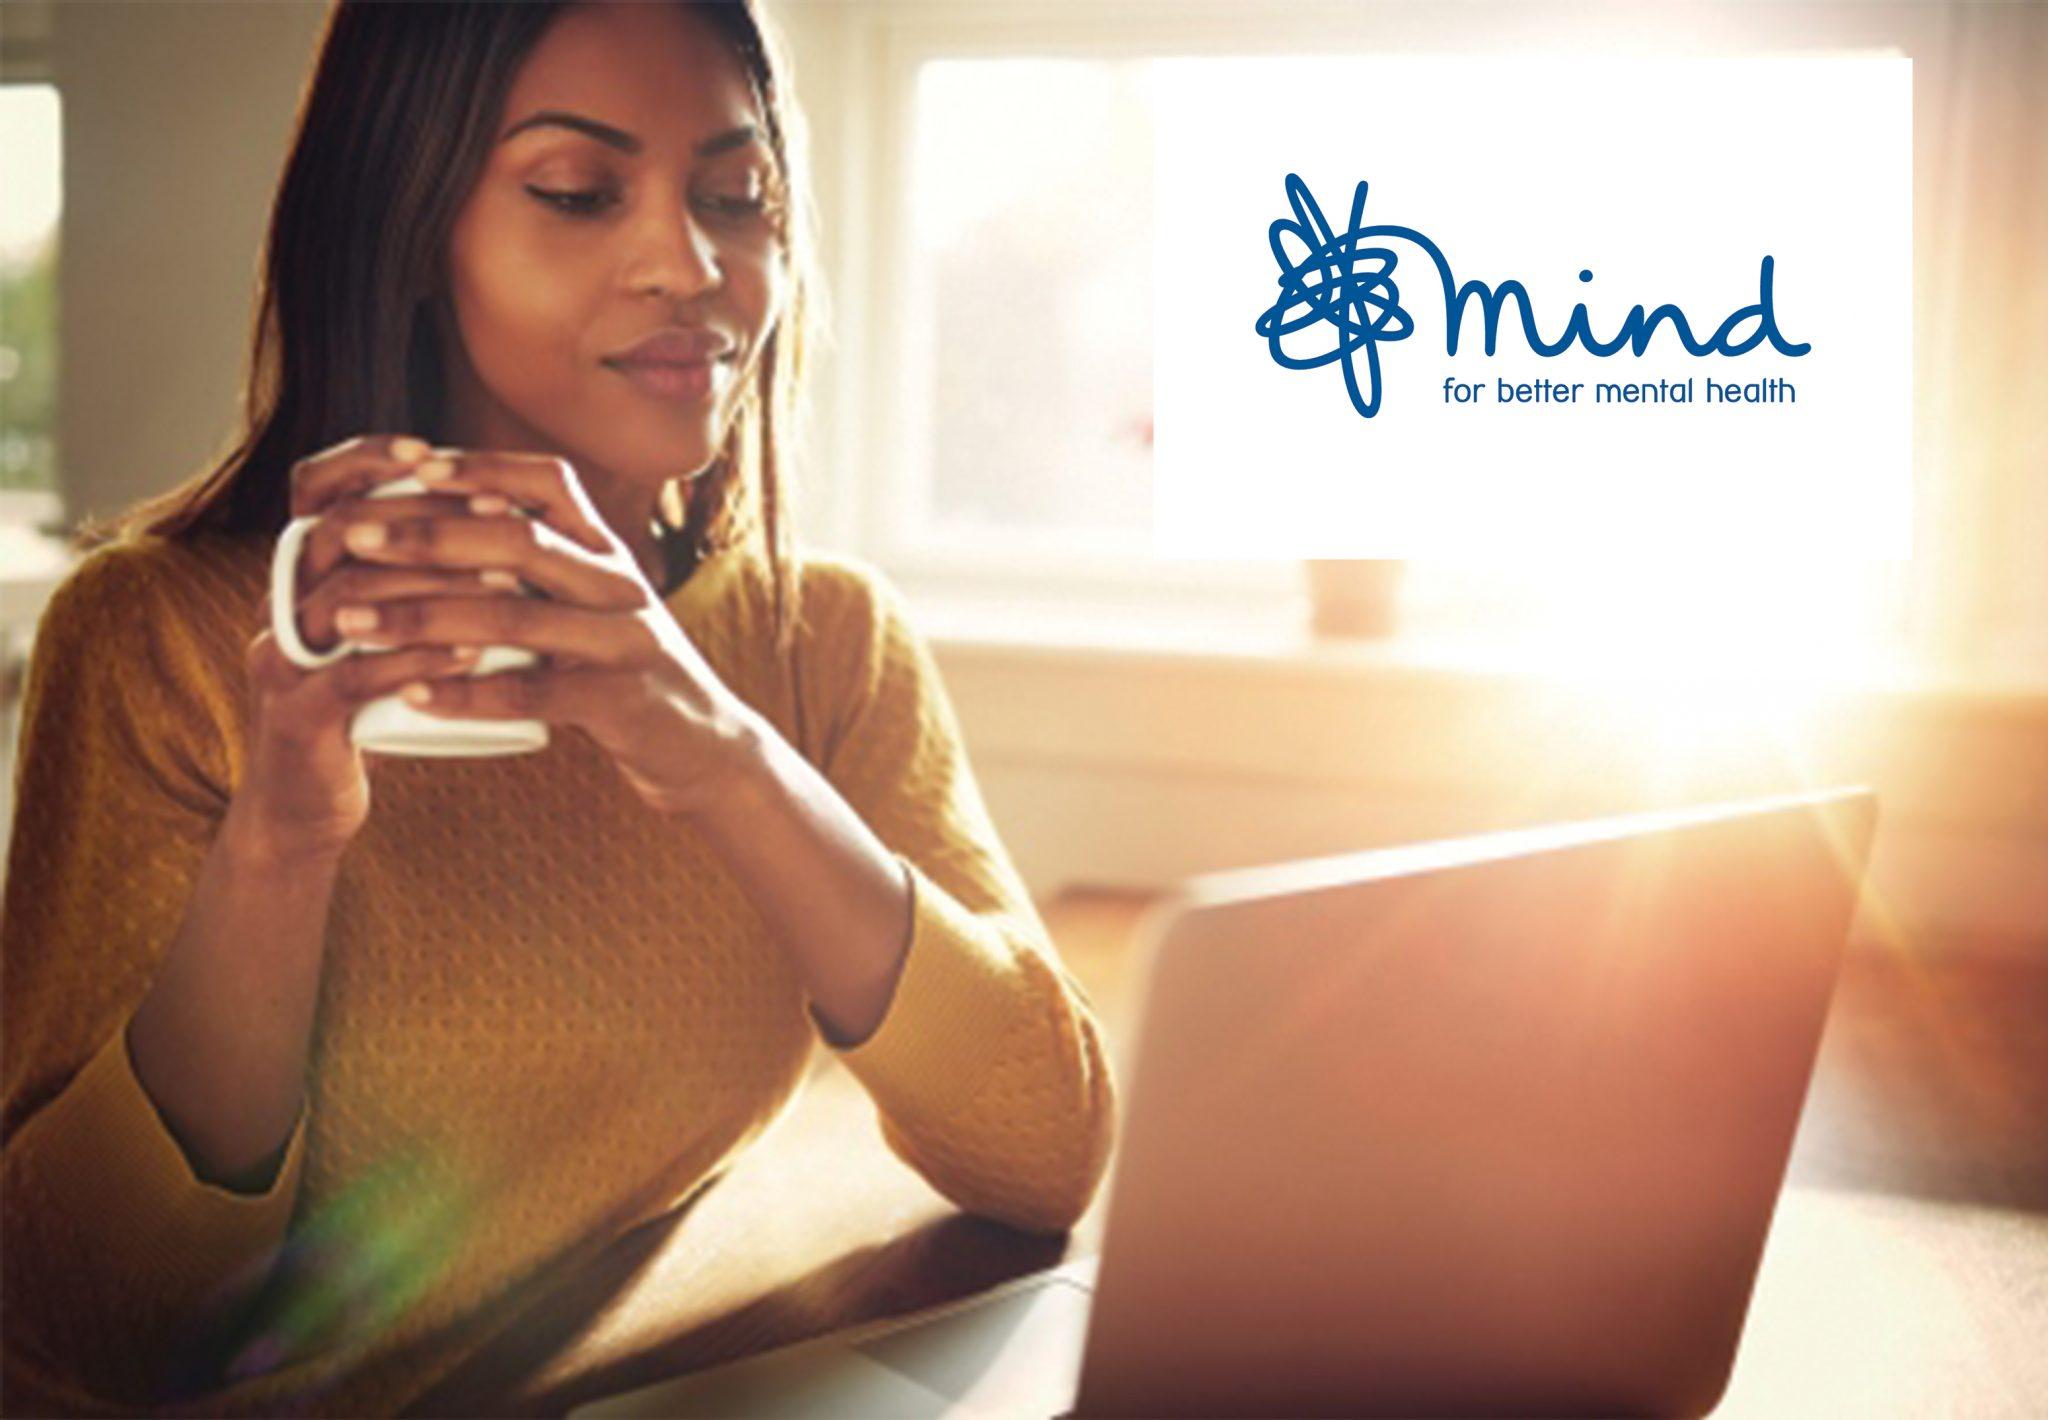 Mind logo on image of woman smiling at laptop